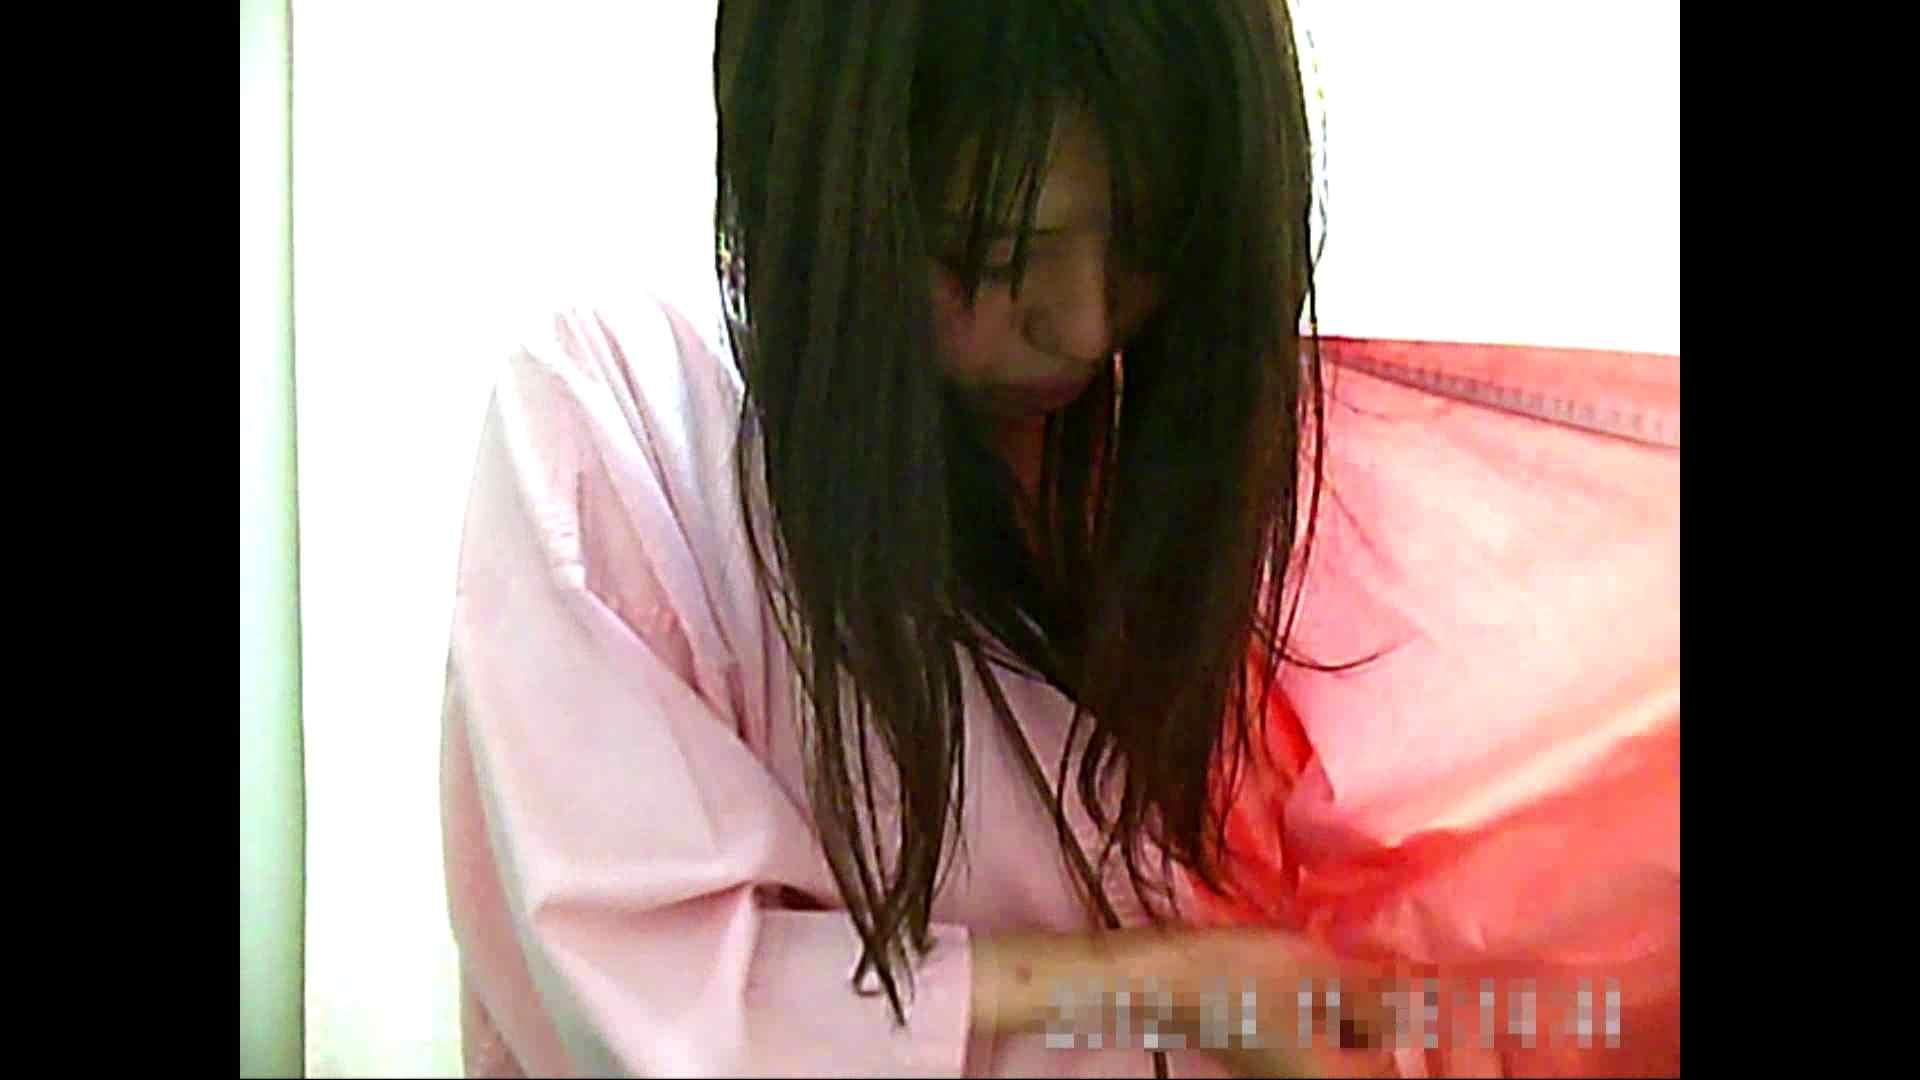 元医者による反抗 更衣室地獄絵巻 vol.019 お姉さん | ギャル  110画像 3